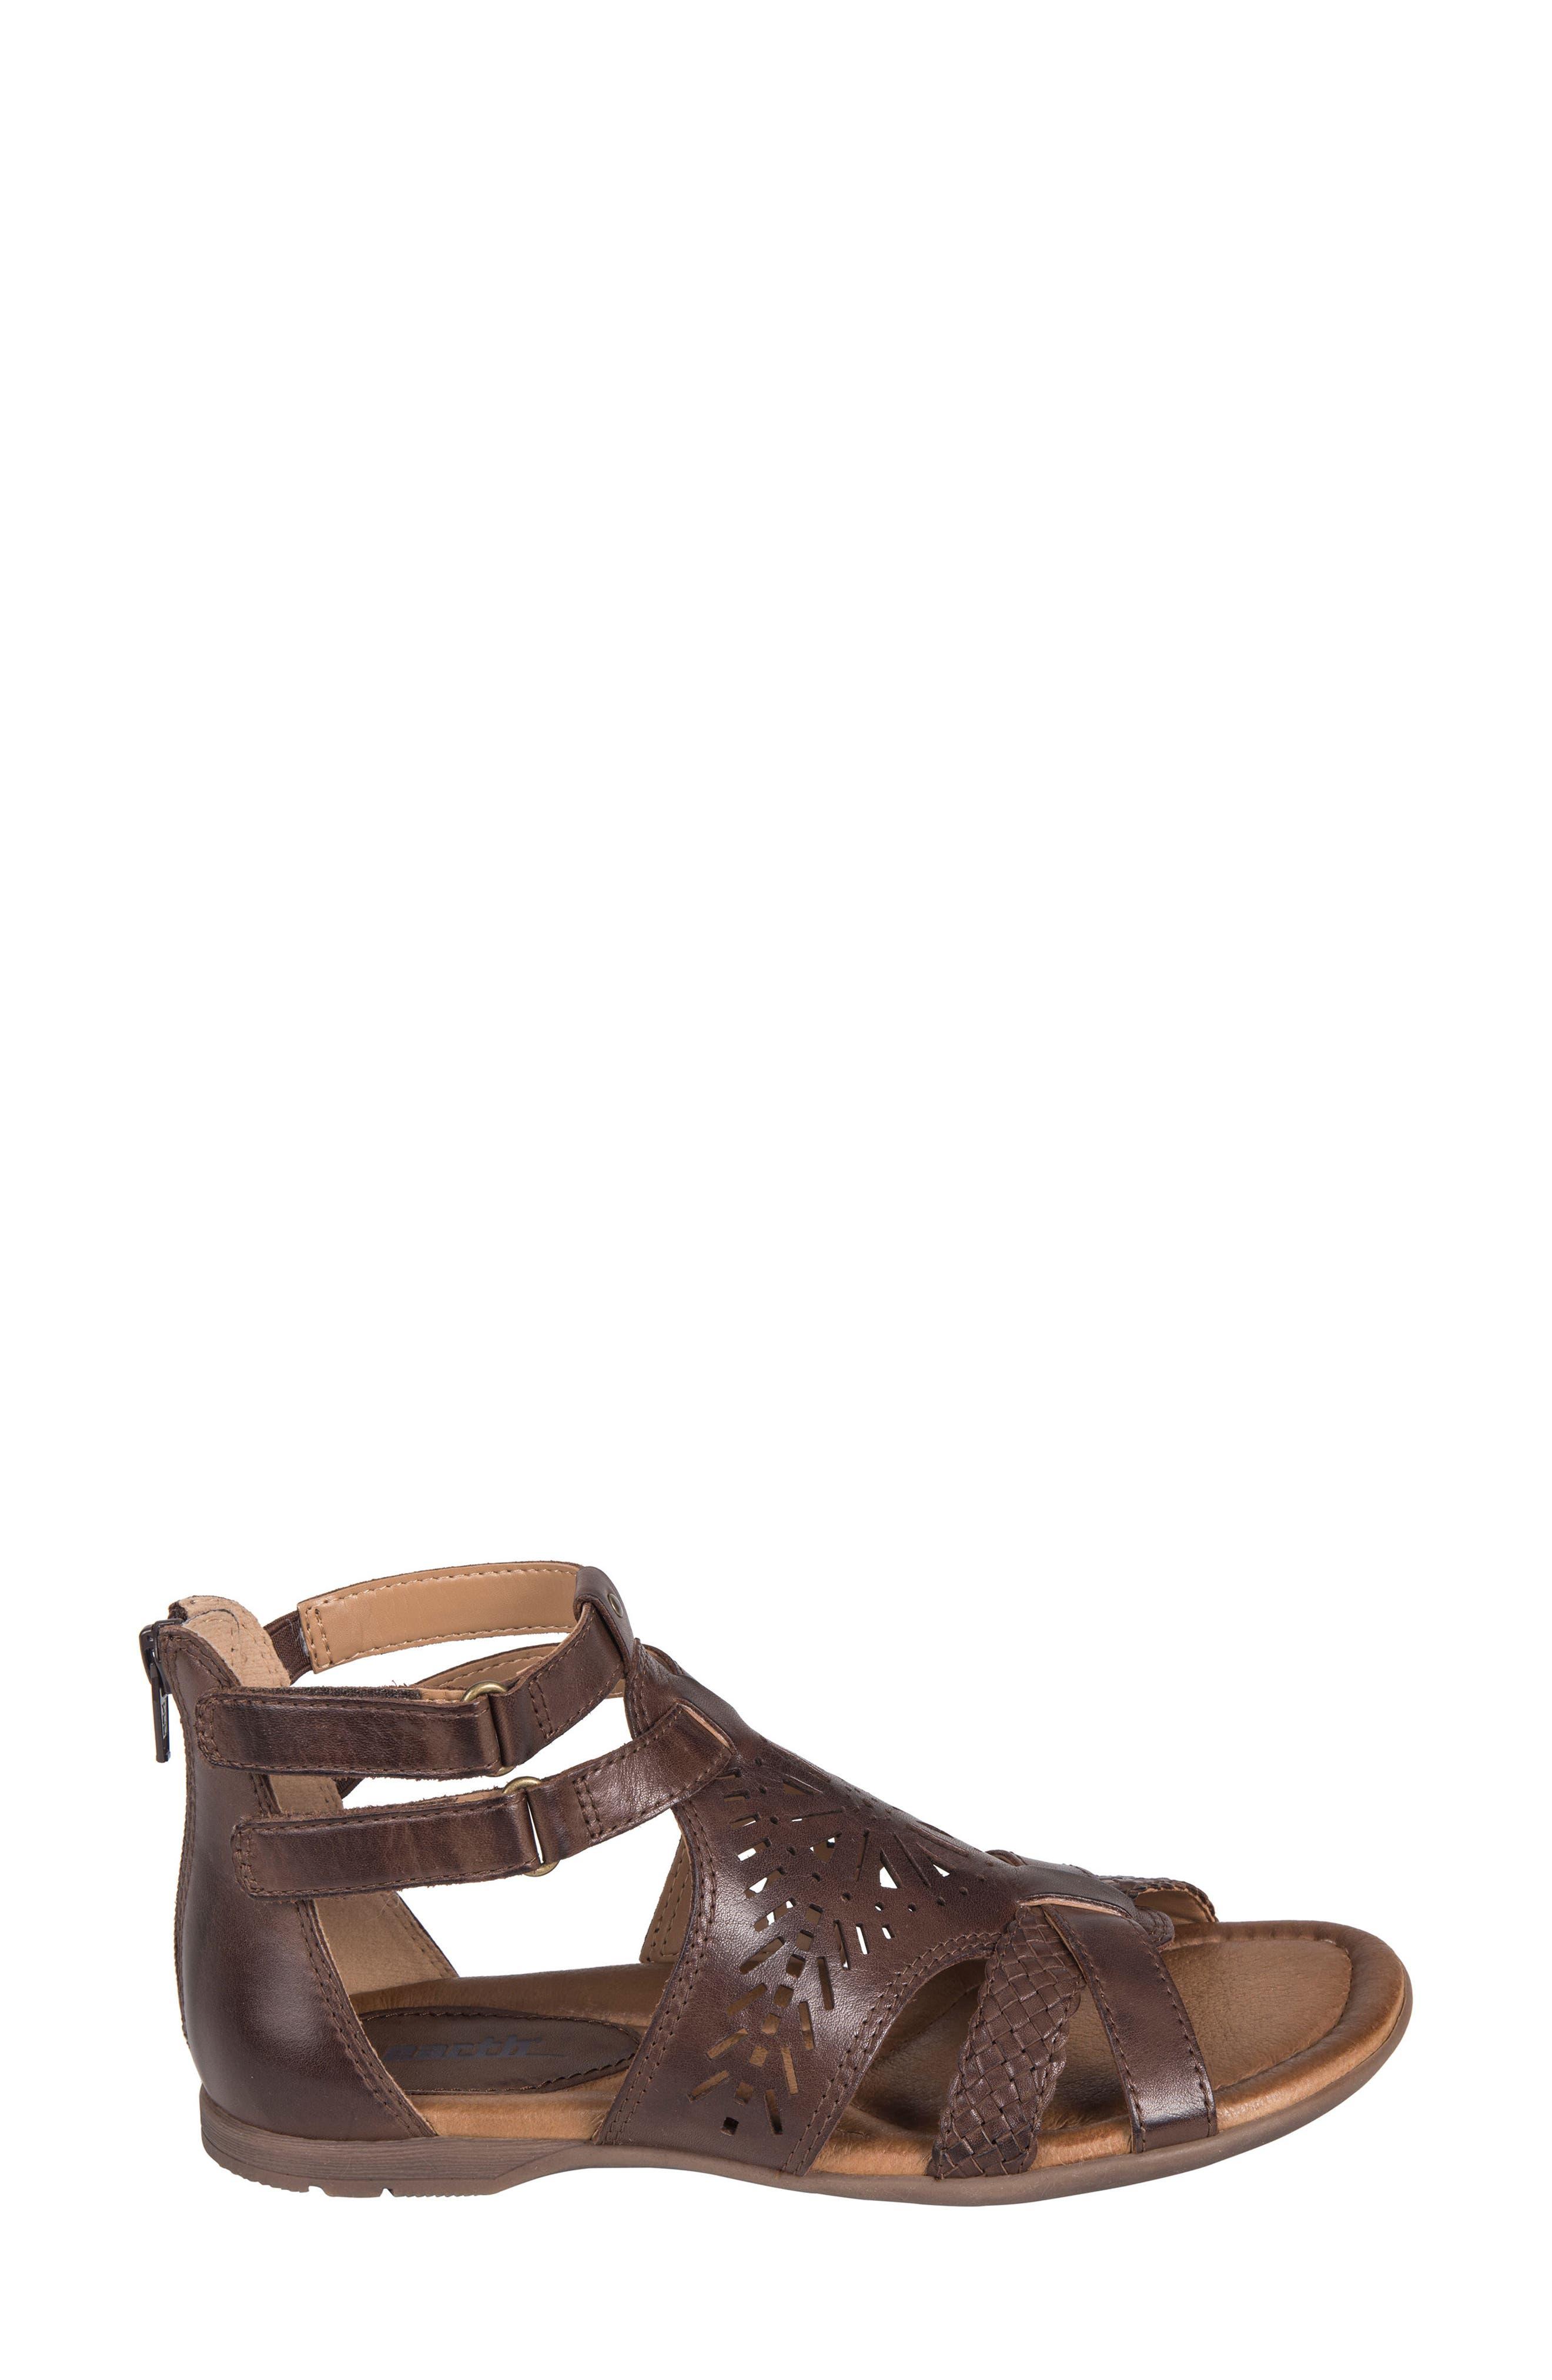 Alternate Image 3  - Earth® Breaker Sandal (Women)